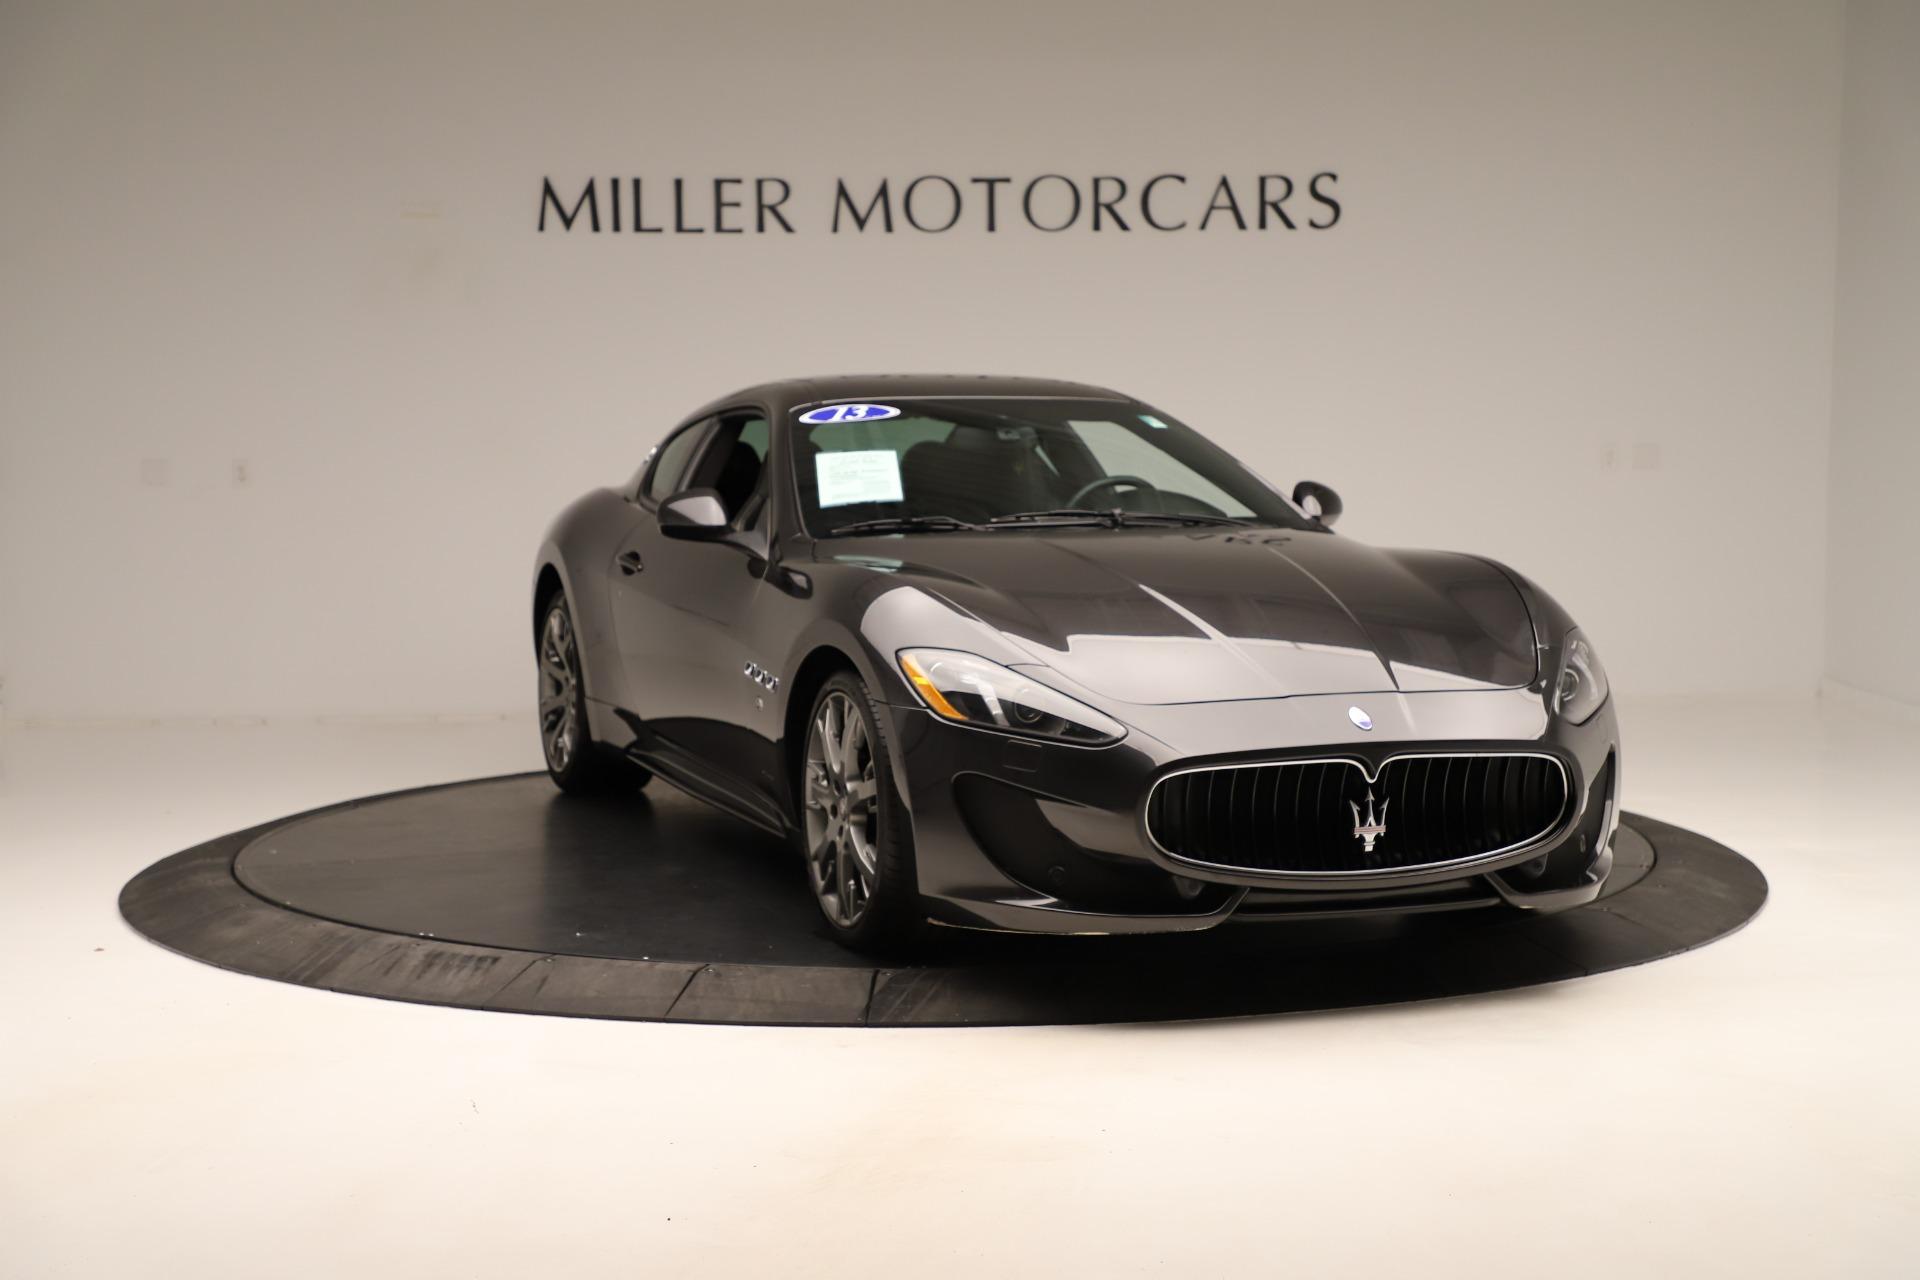 Used 2013 Maserati GranTurismo Sport For Sale In Westport, CT 3327_p11